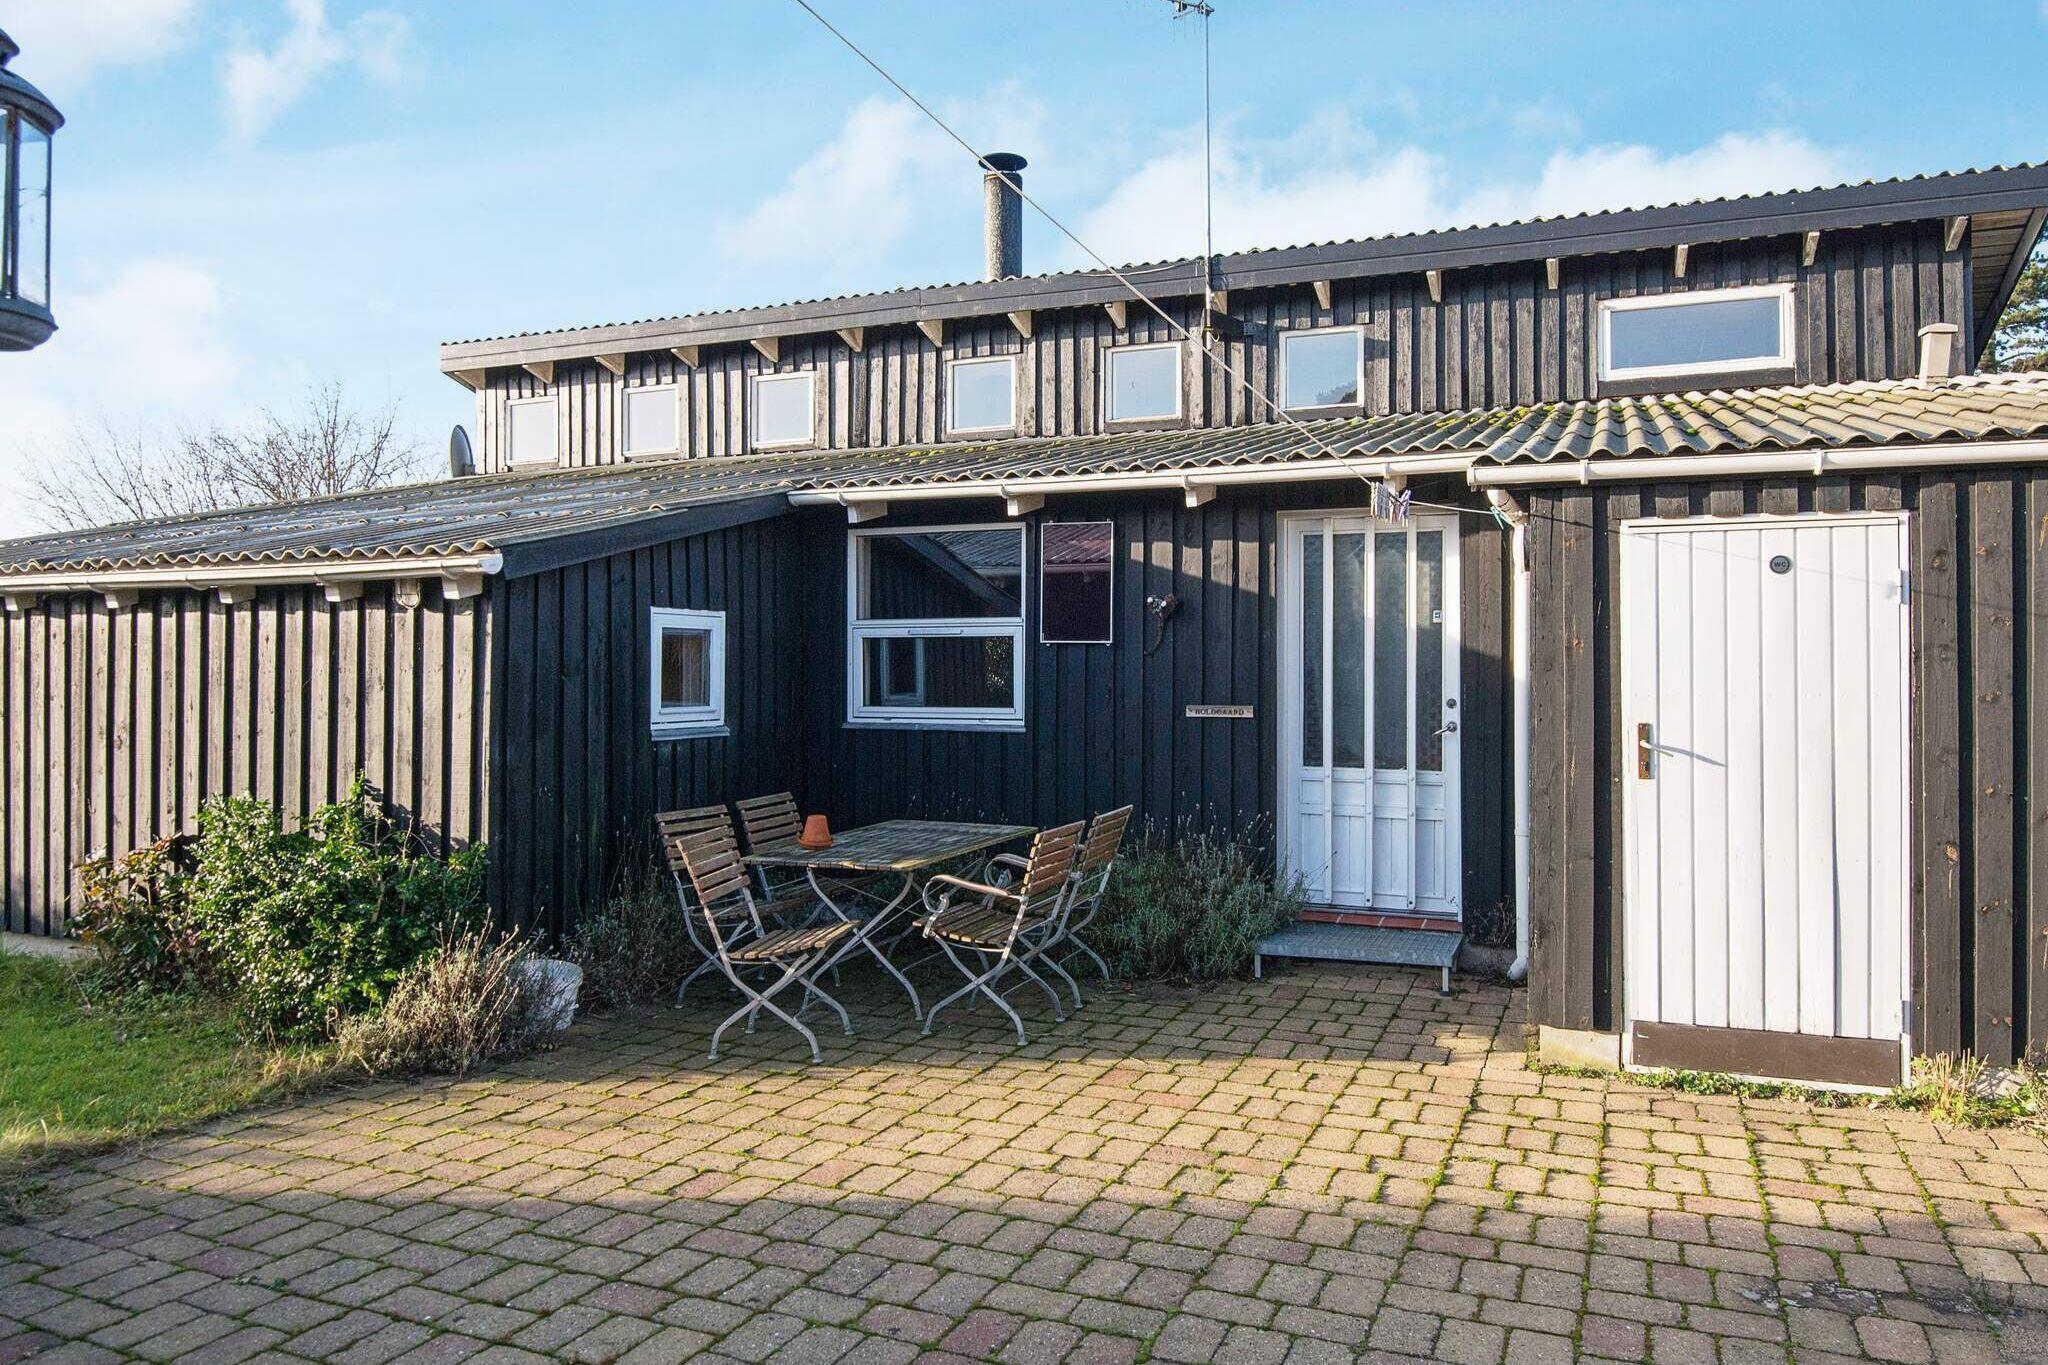 Ferienhaus in Ebeltoft für 10 Personen